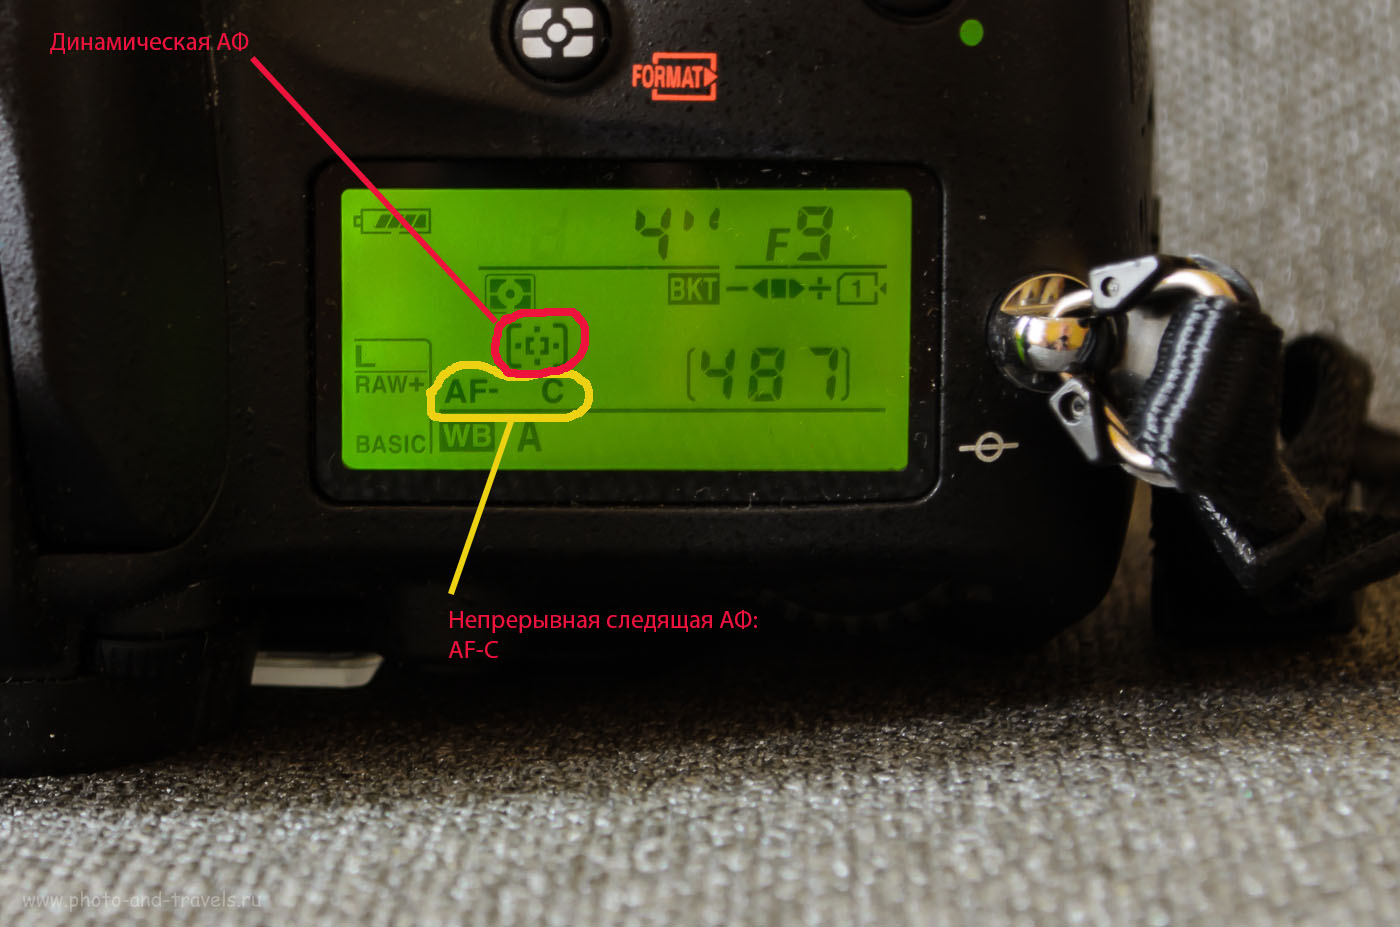 Фото 10. Отображение выбранных режимов автоматической фокусировки на вспомогательном дисплее камеры Nikon D610